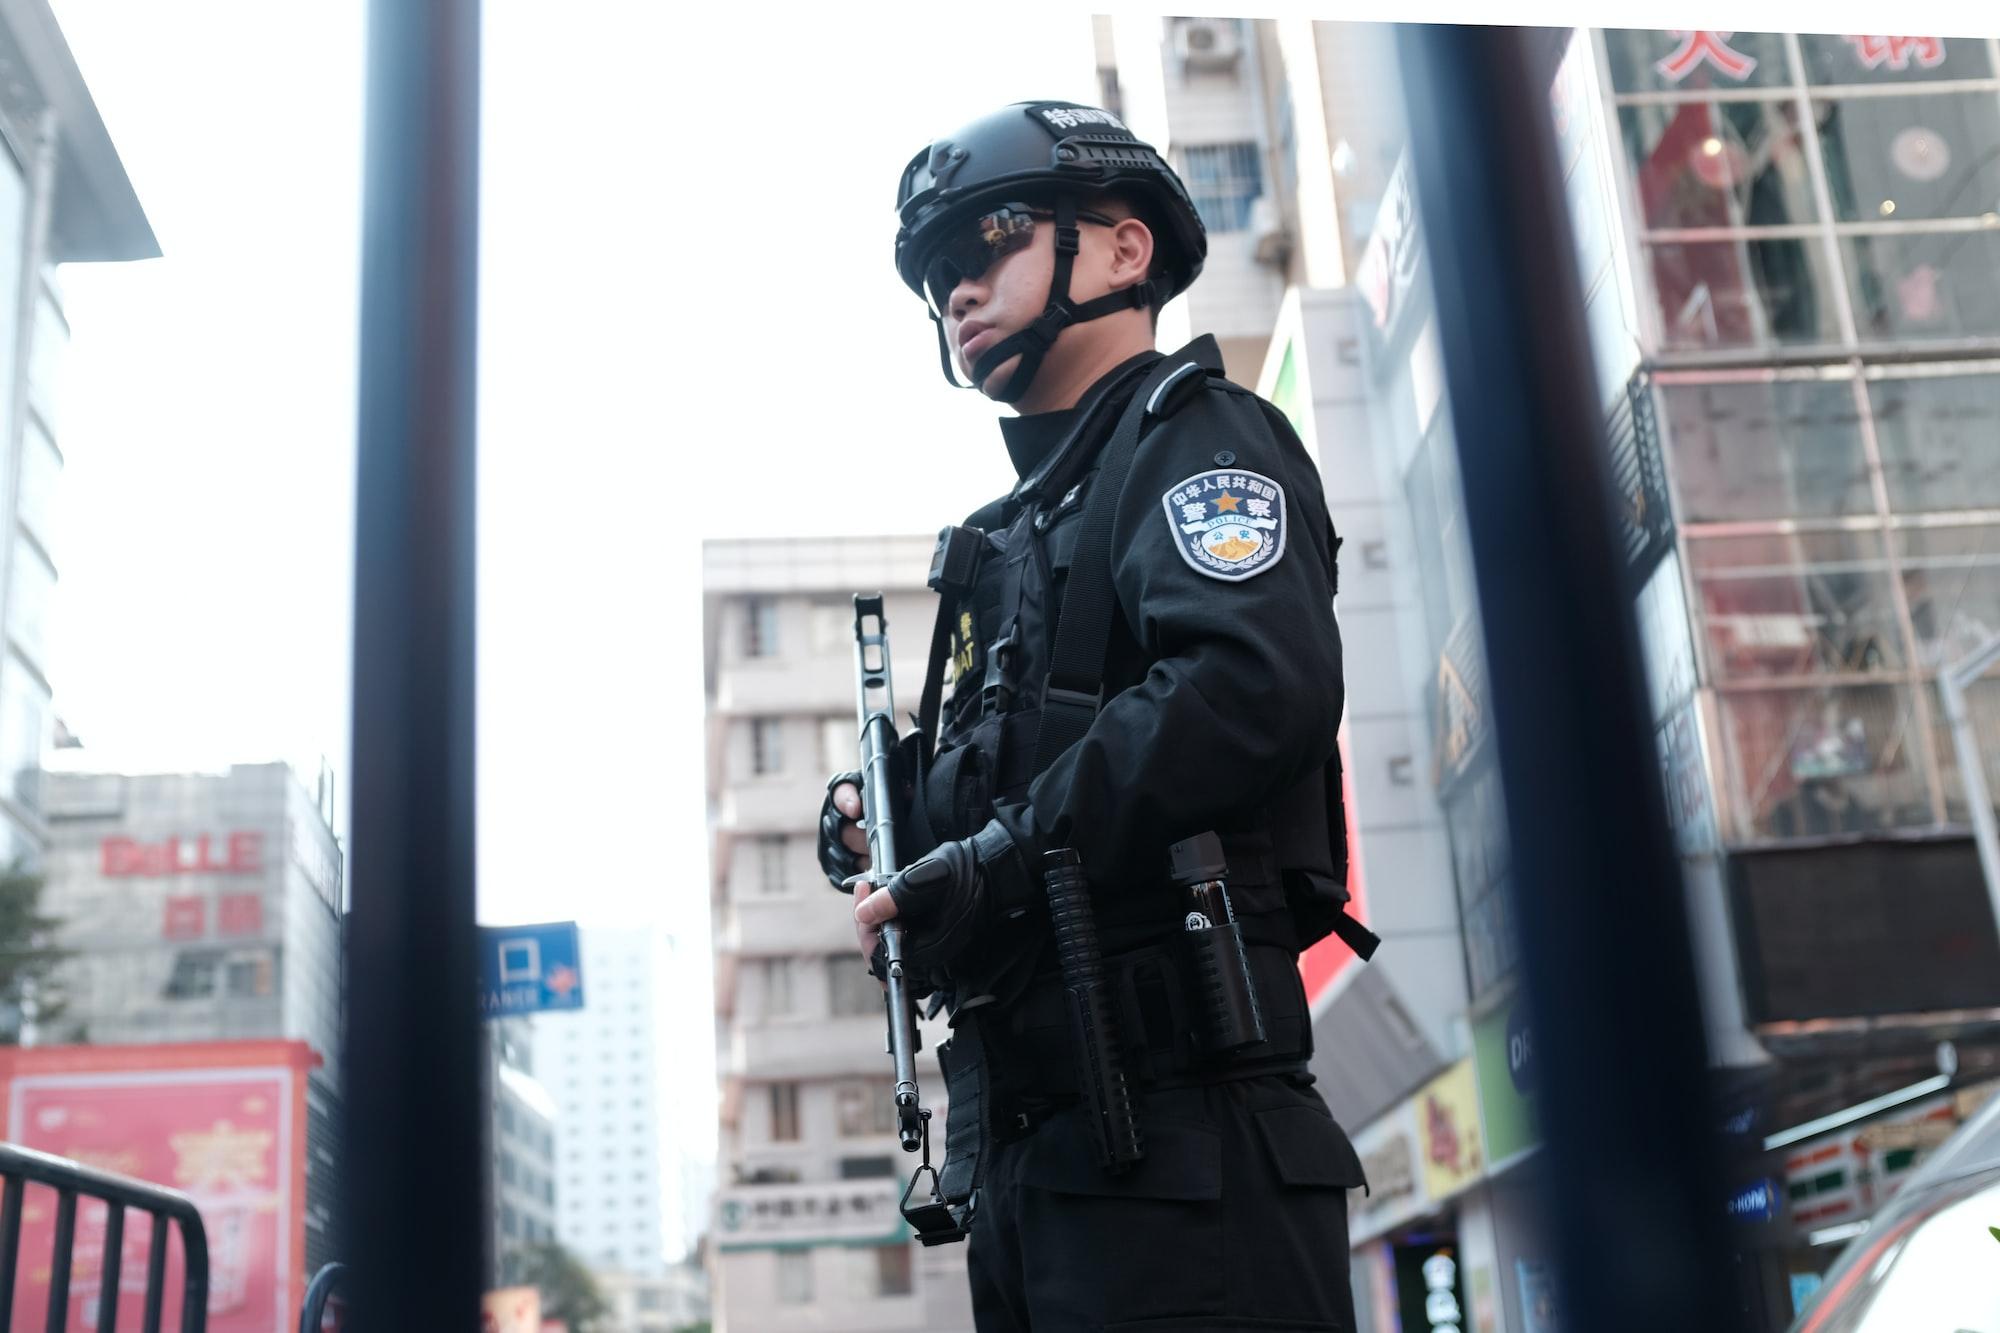 จีนพร้อมลดอำนาจของตำรวจ และผู้พิพากษาด้วย Blockchain